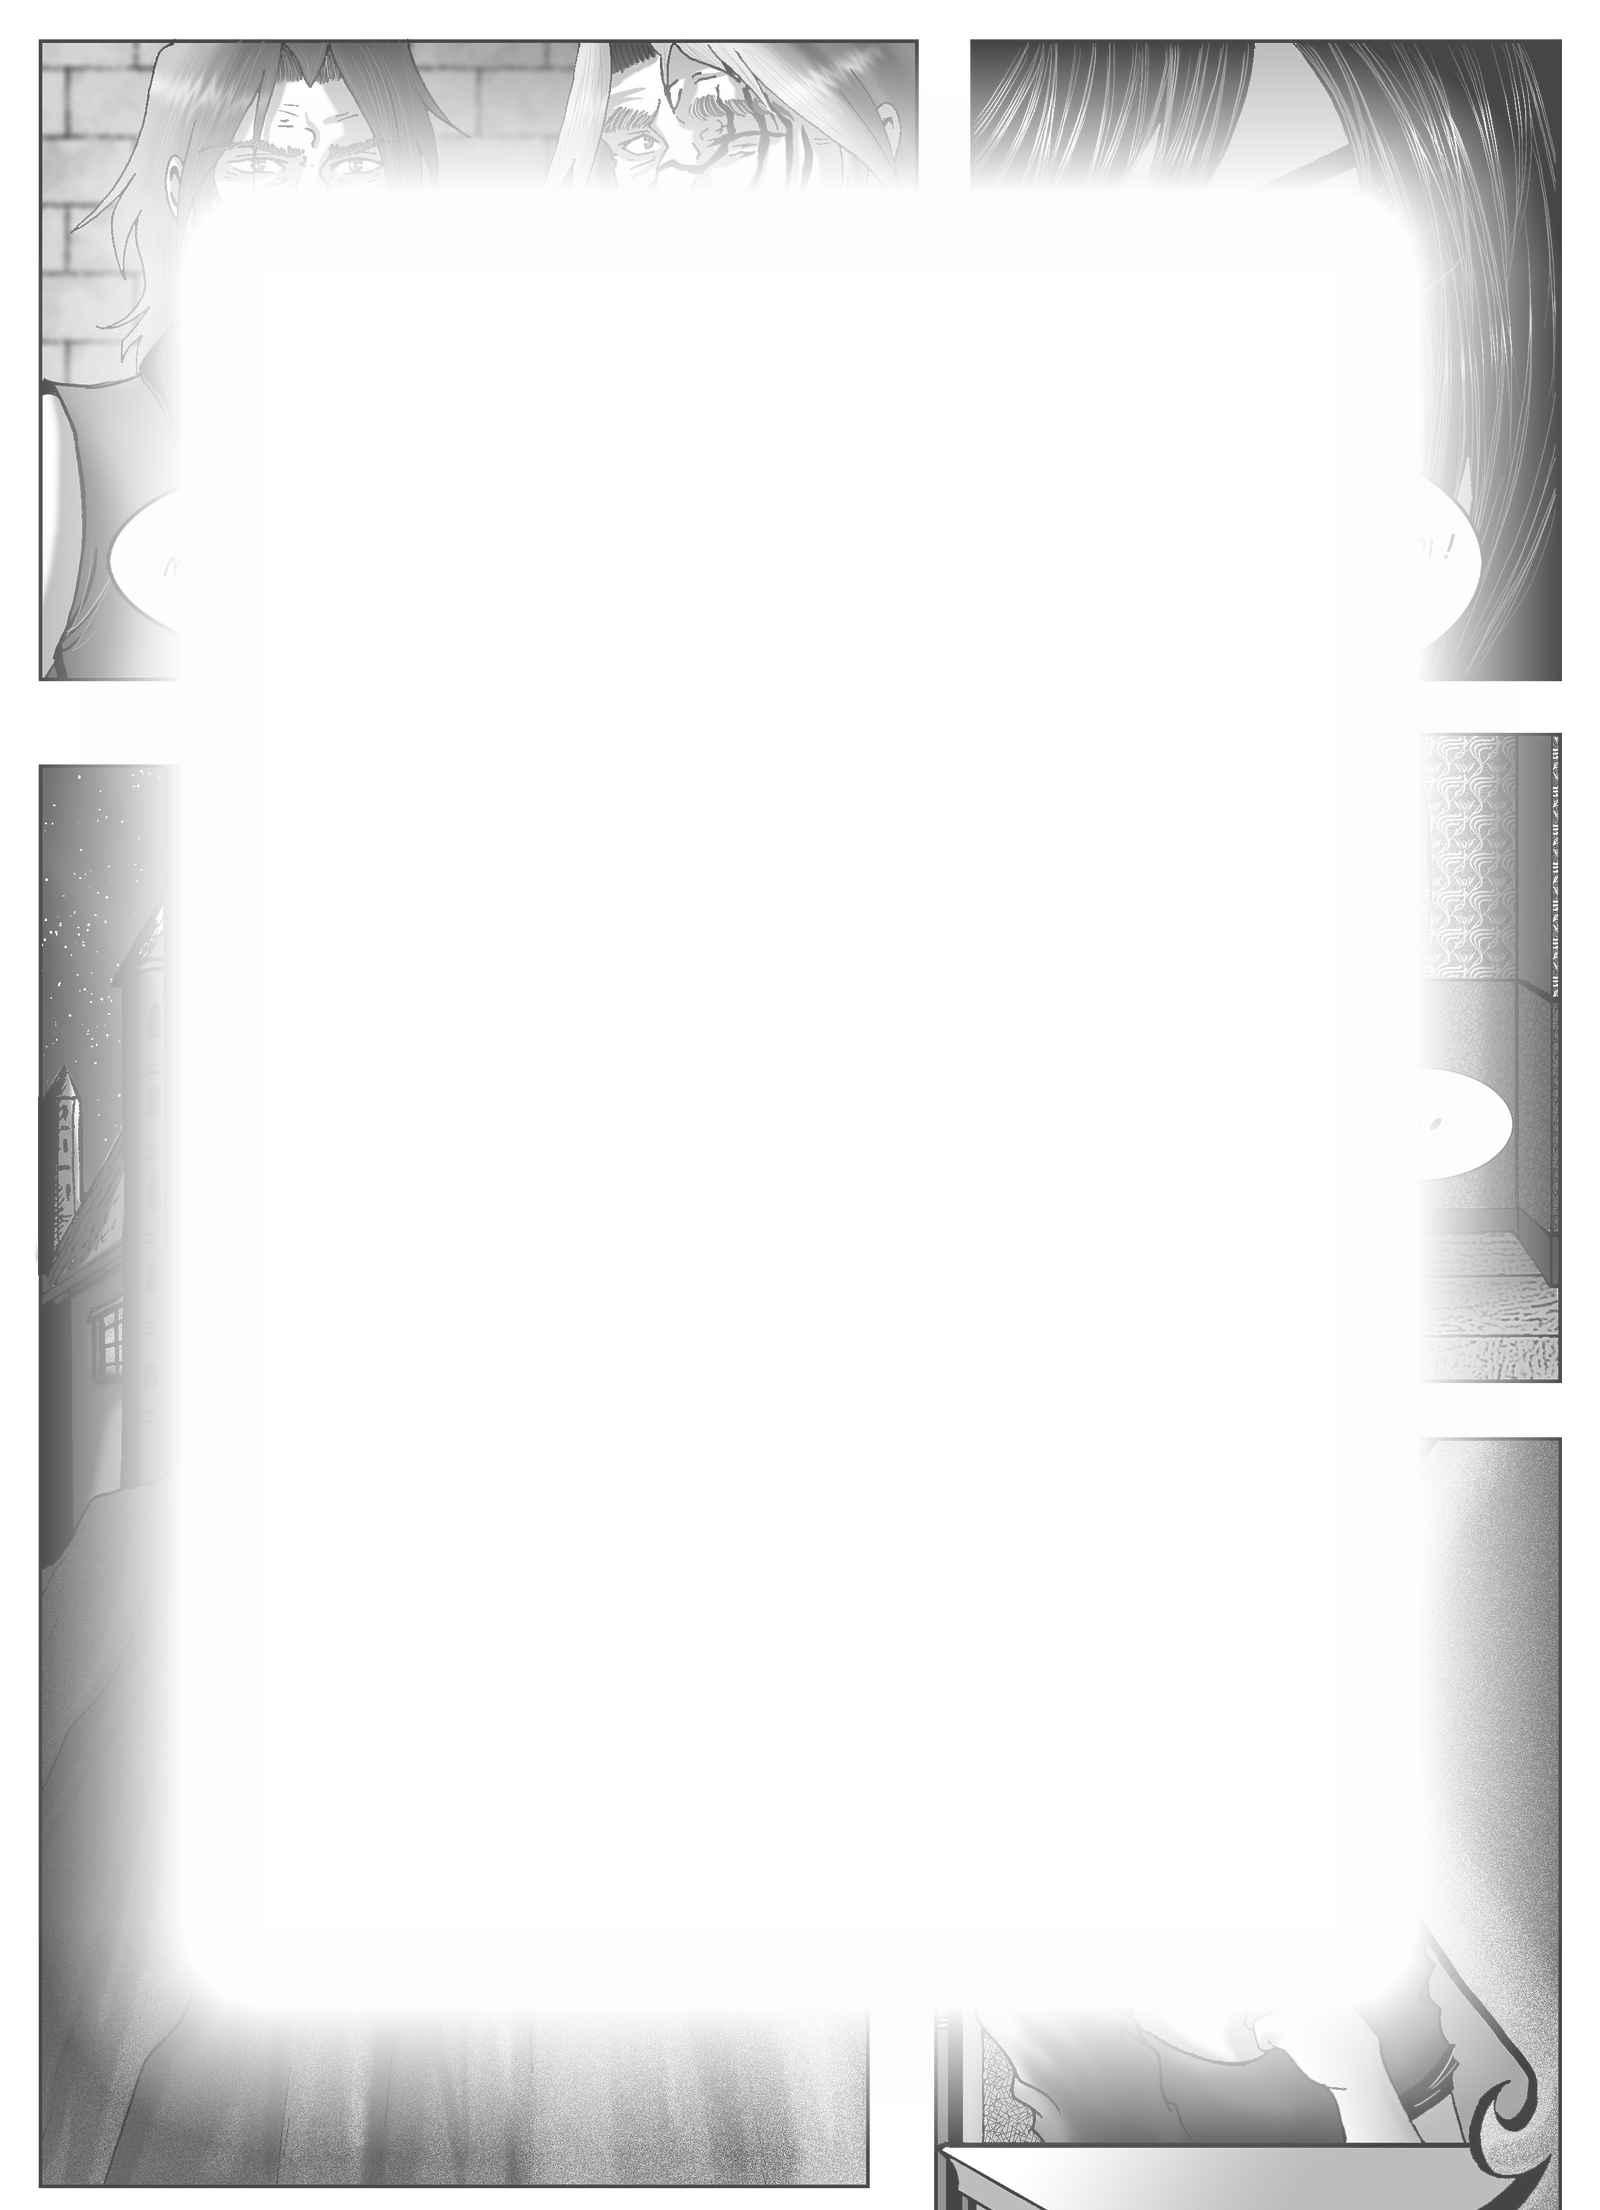 Coeur d'Aigle : Chapitre 21 page 10